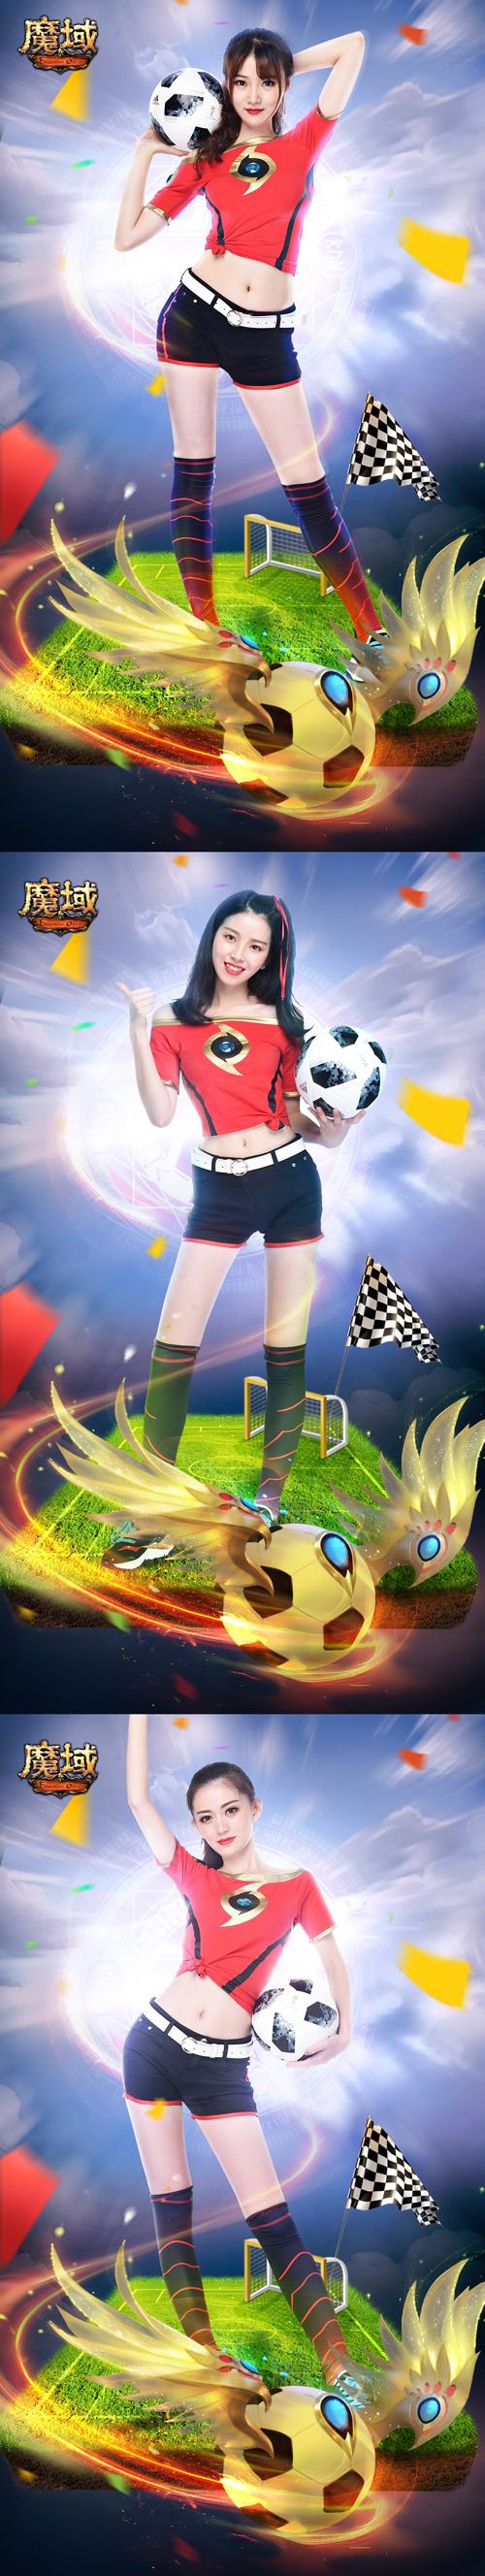 《魔域》最美足球宝贝携福利狂欢竞猜